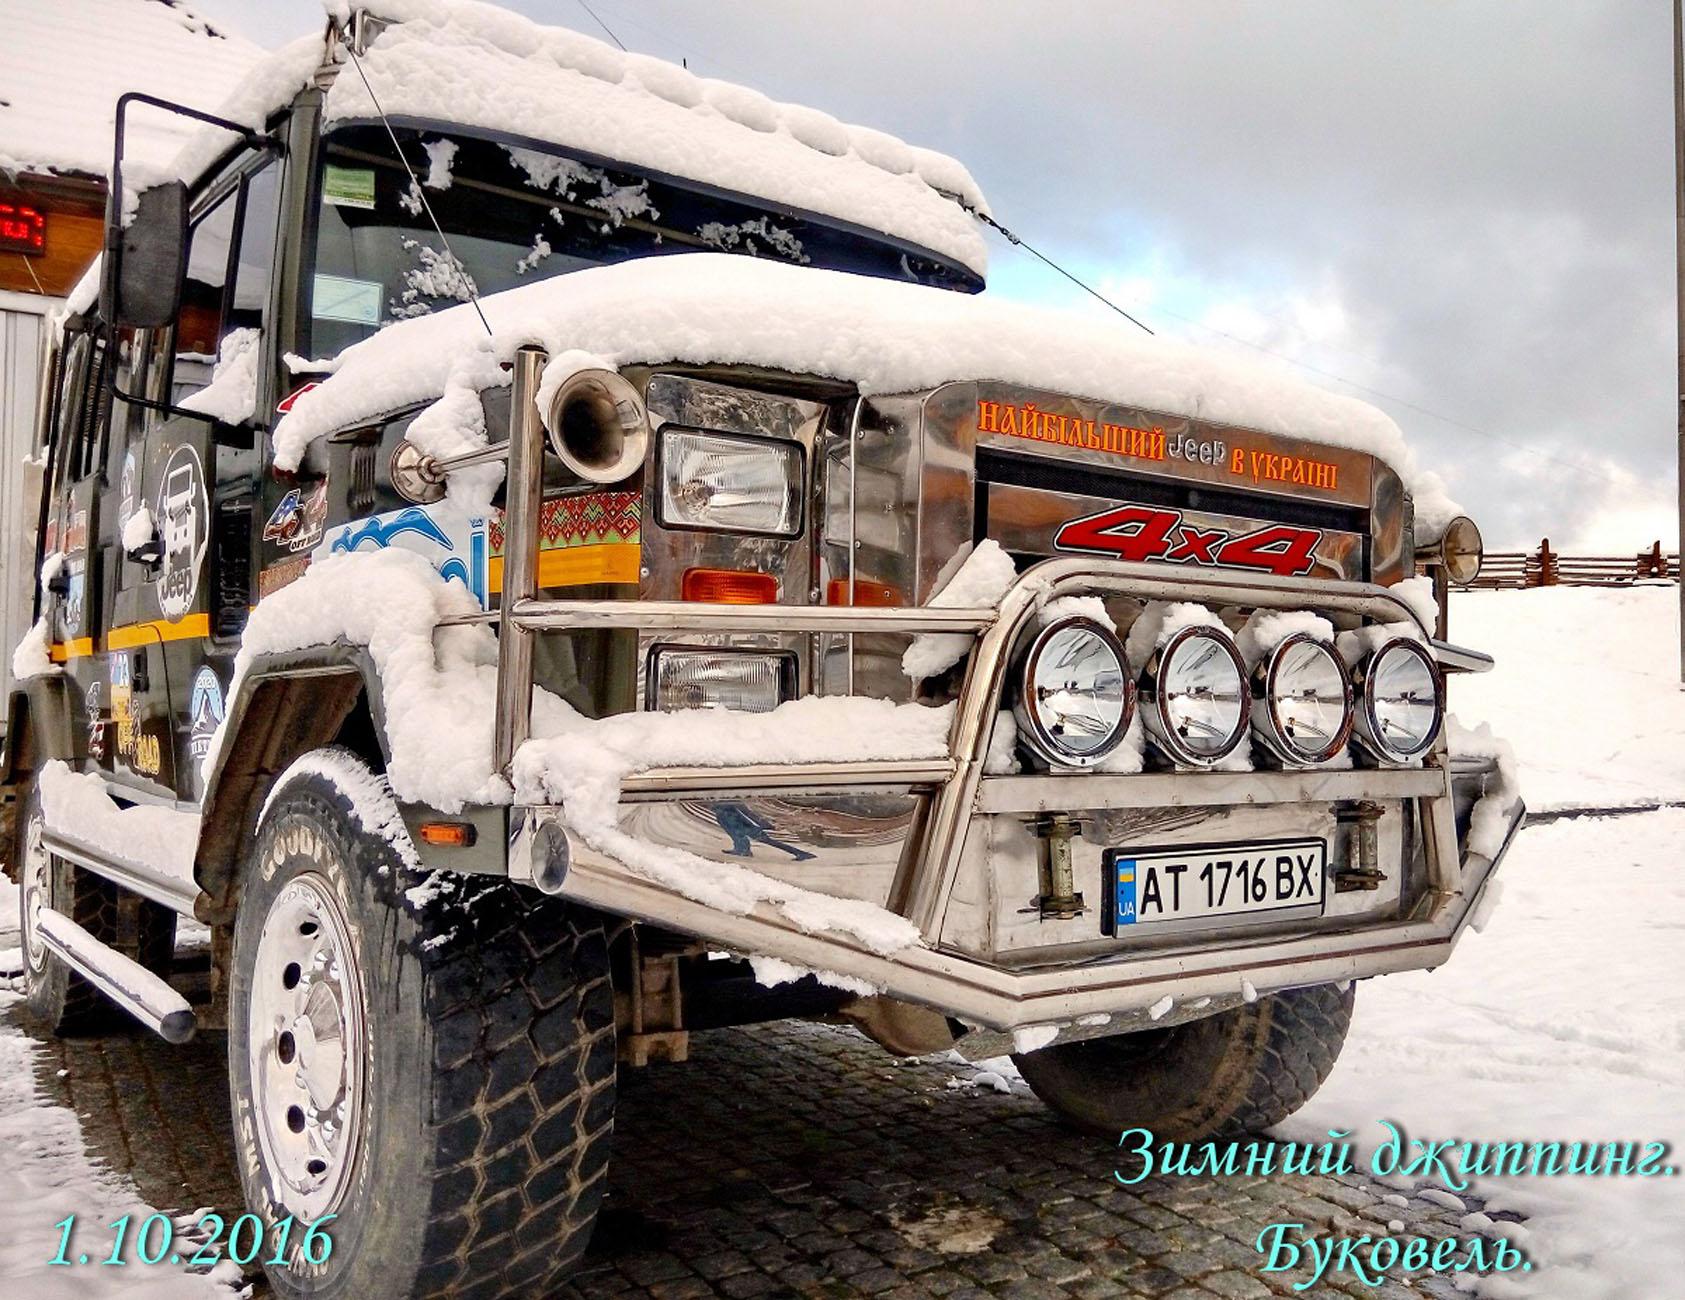 Фотоальбом: Зимний джиппинг в Буковеле 1 ноября 2016